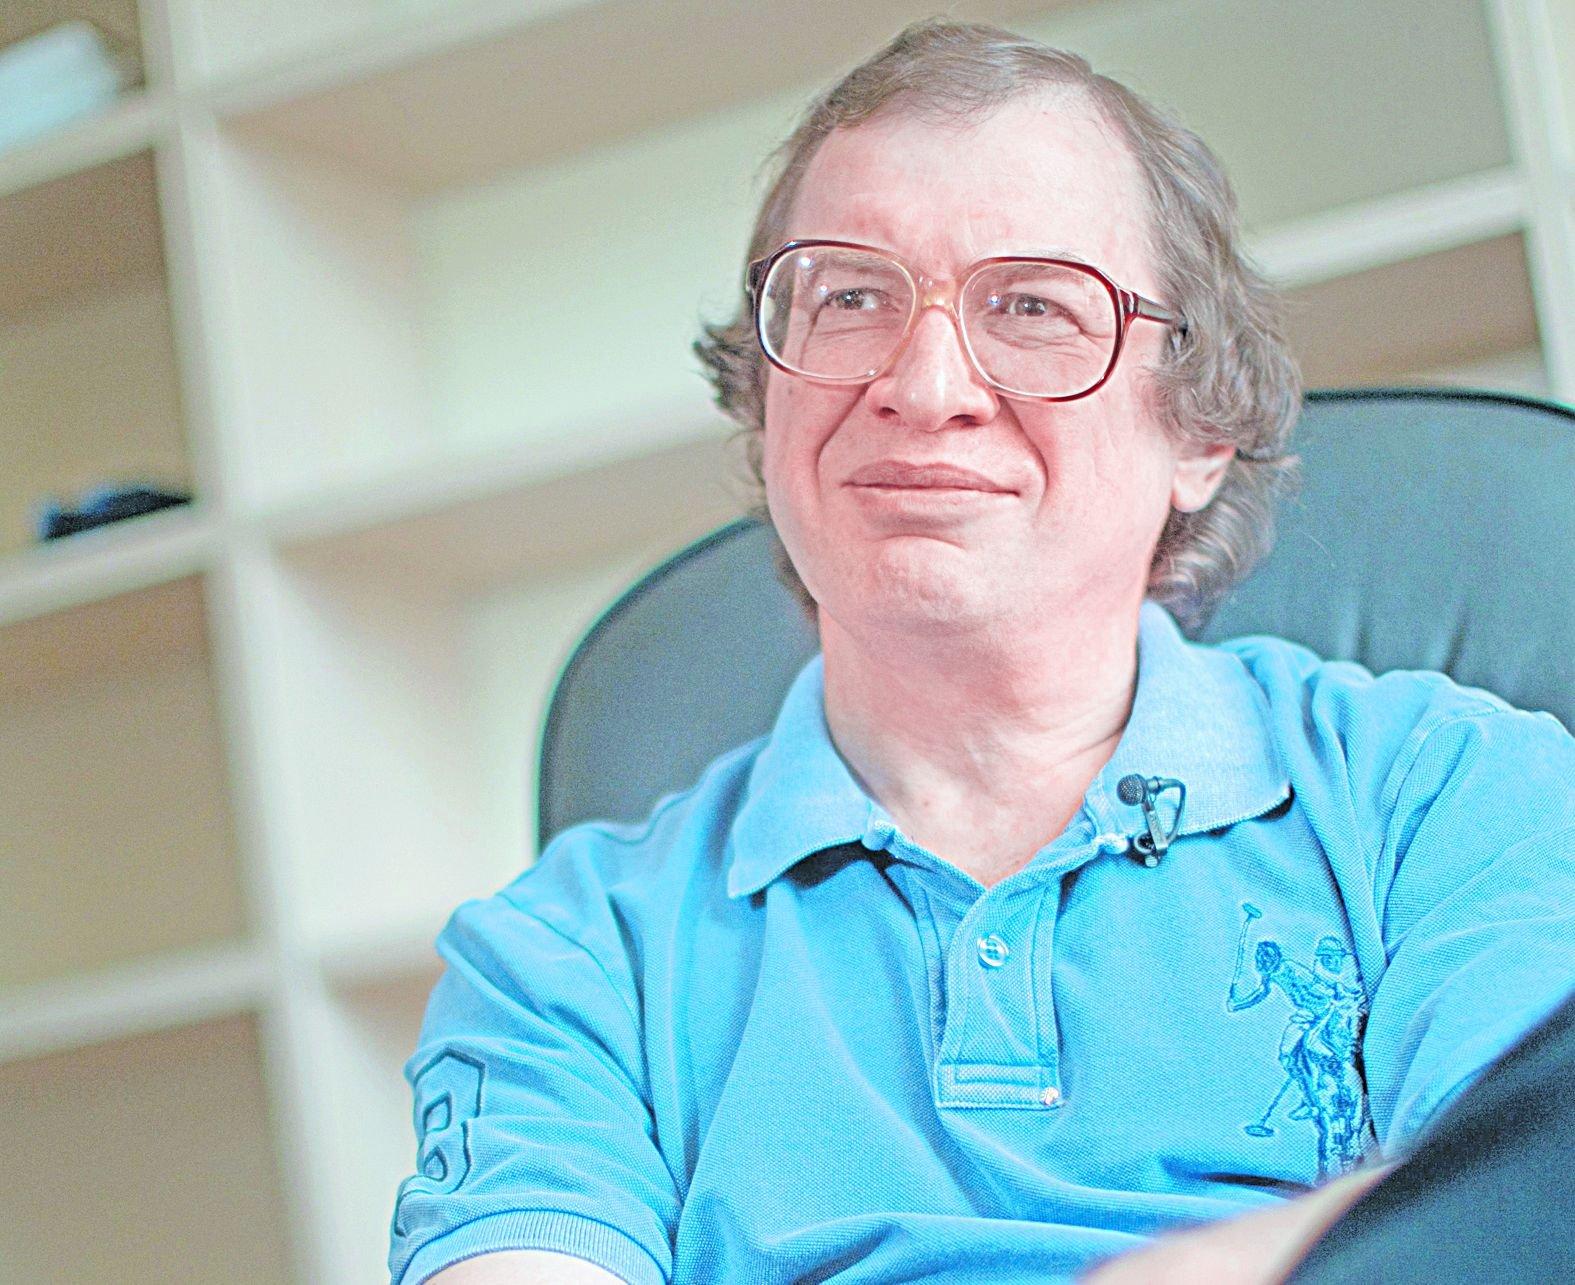 Сергей Мавроди «отдохнул» ивернулся кстарым делам